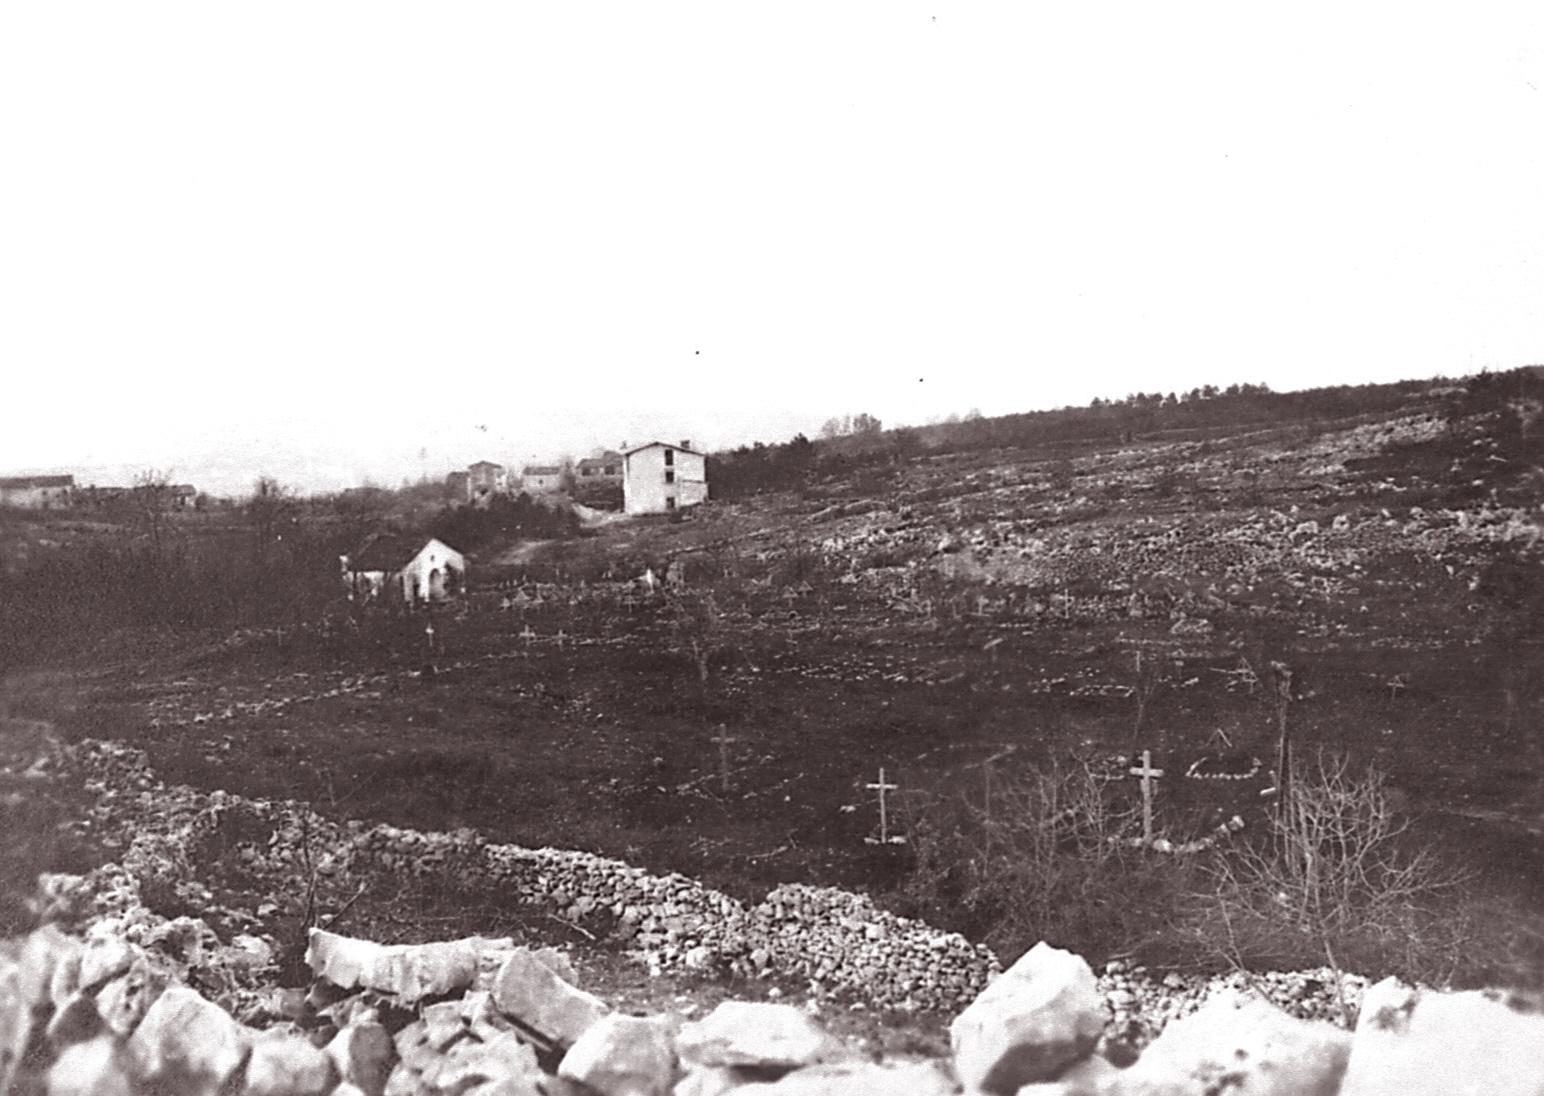 Fotografia di inizio 1916 sui cimiteri. Sullo sfondo la cappella del cimitero comunale